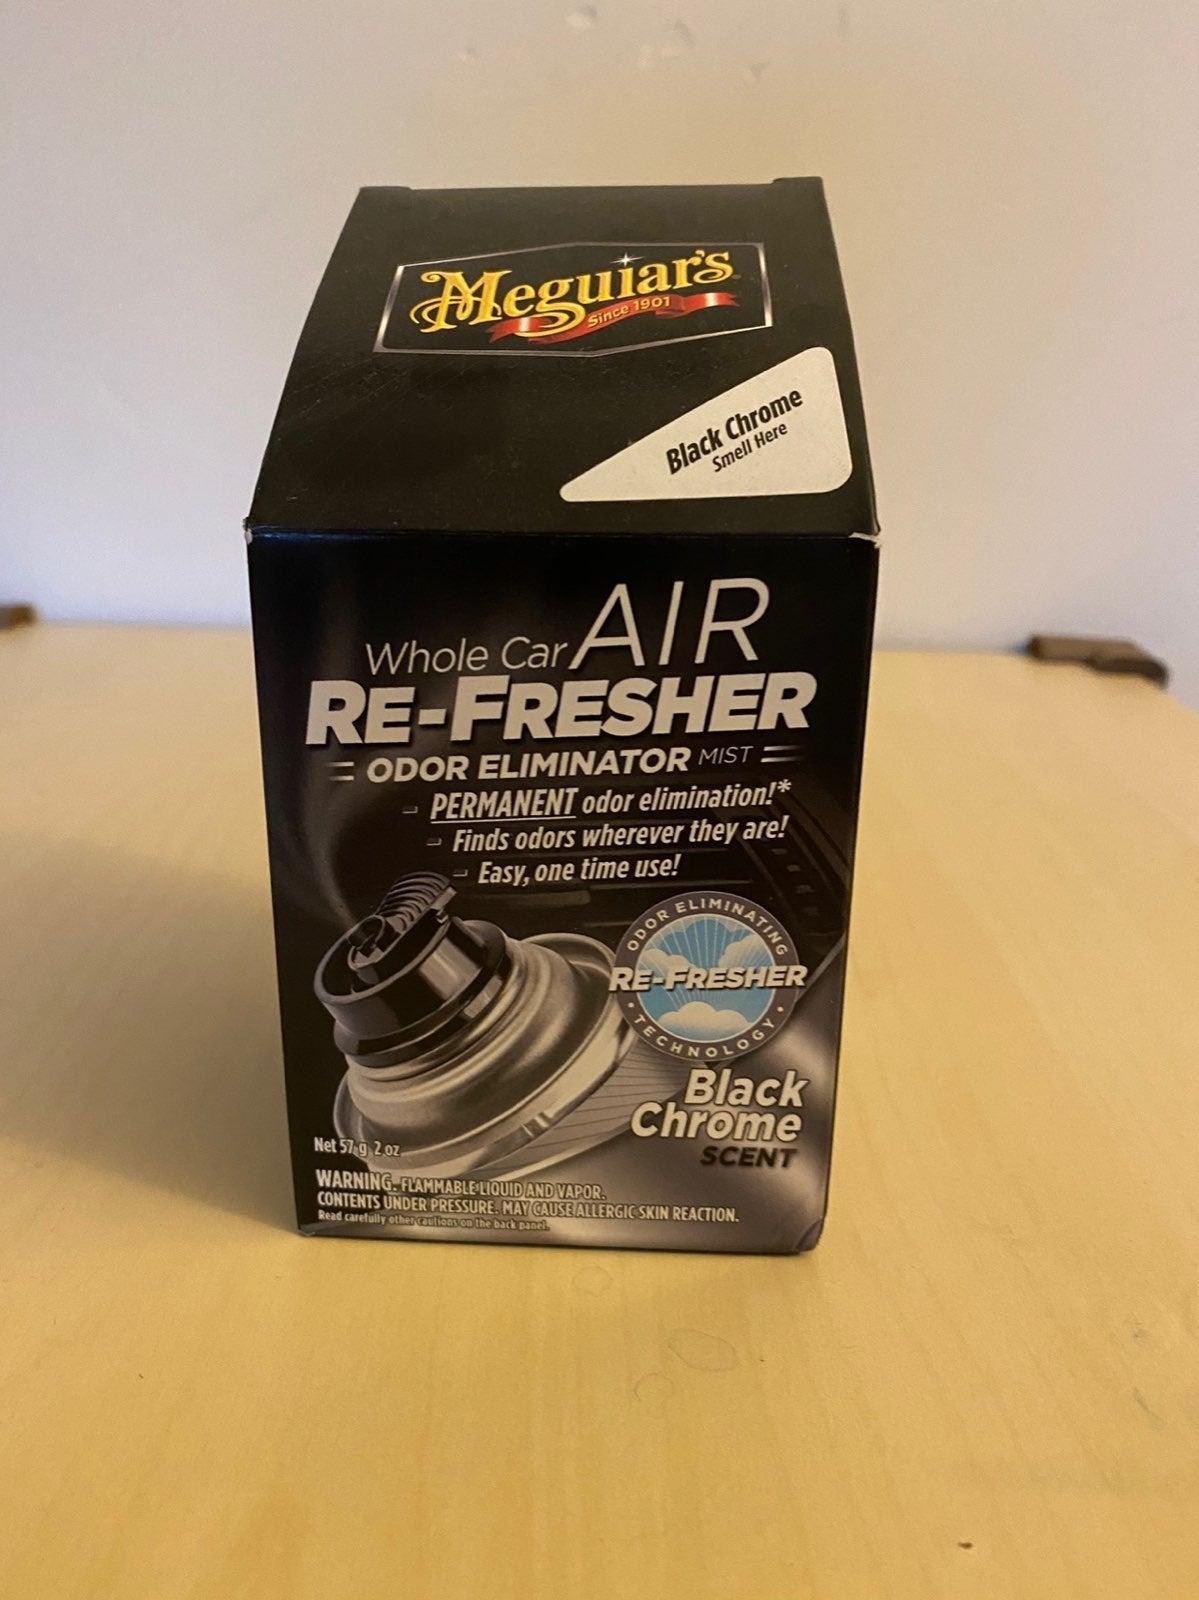 Meguiar's whole car air re-fresher odor